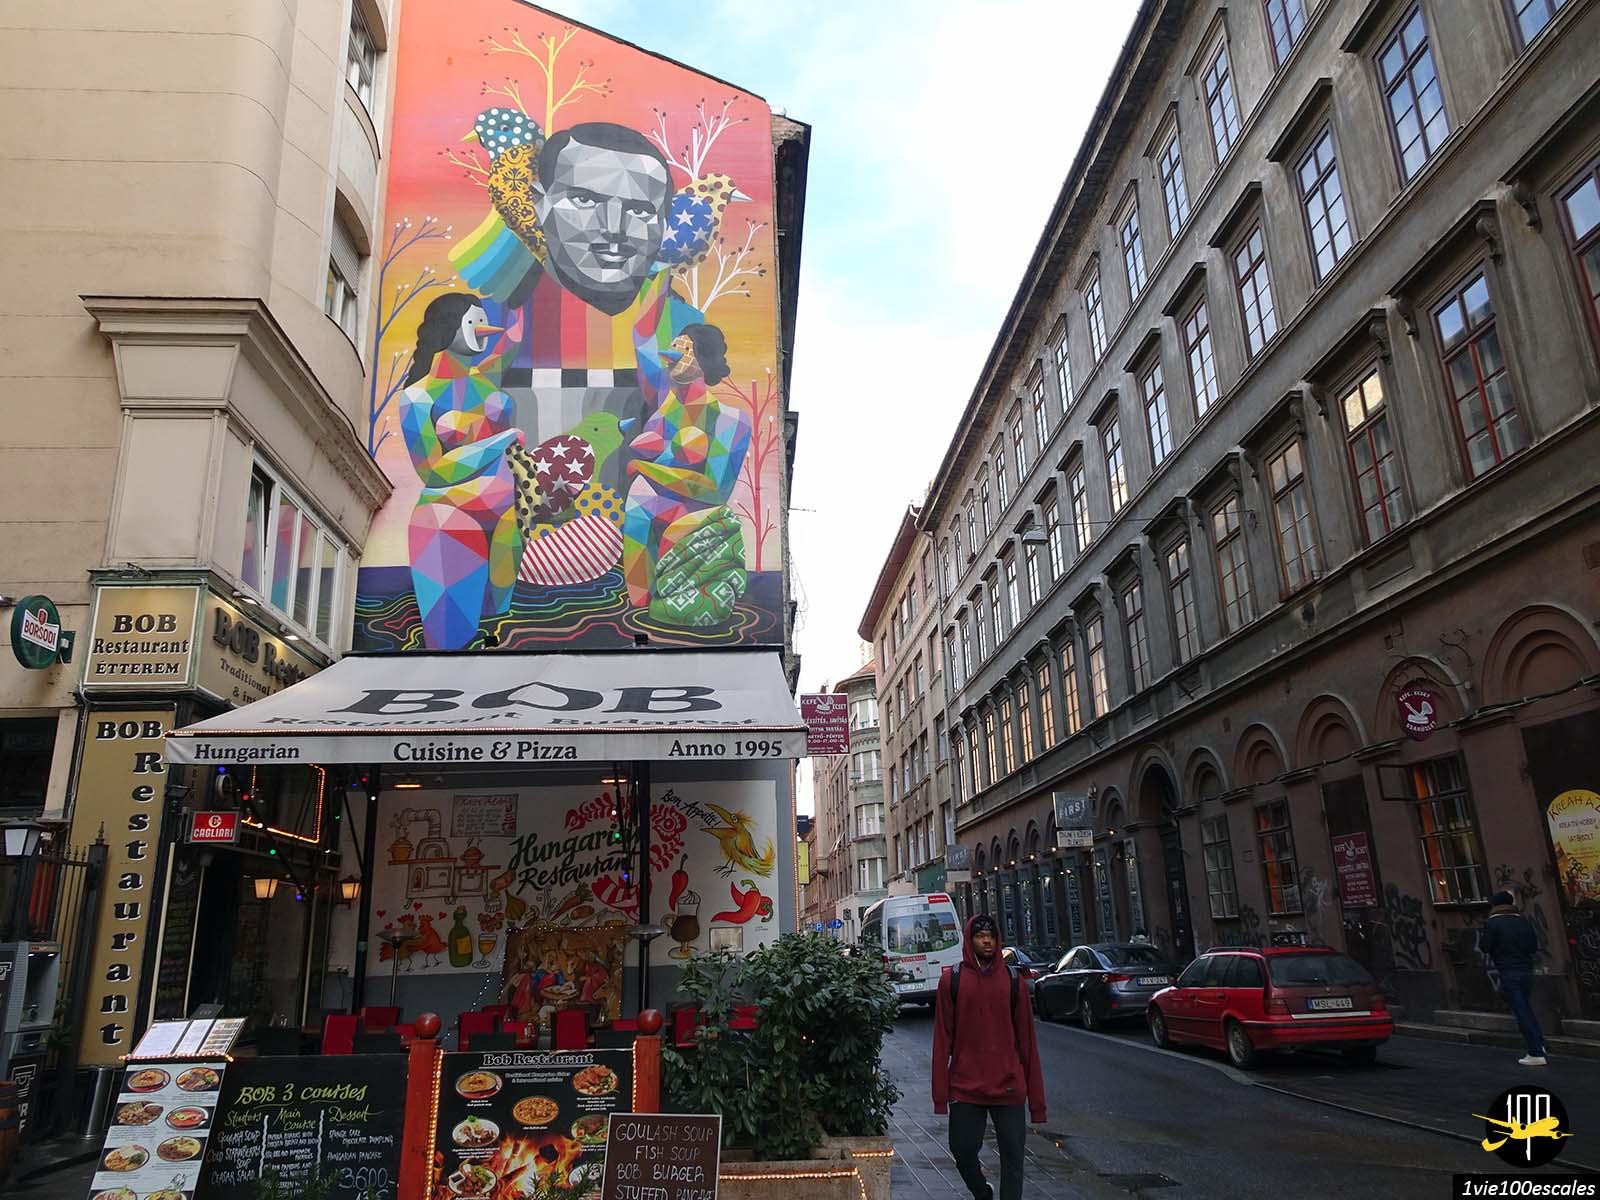 Le street art dans le centre ville de Budapest